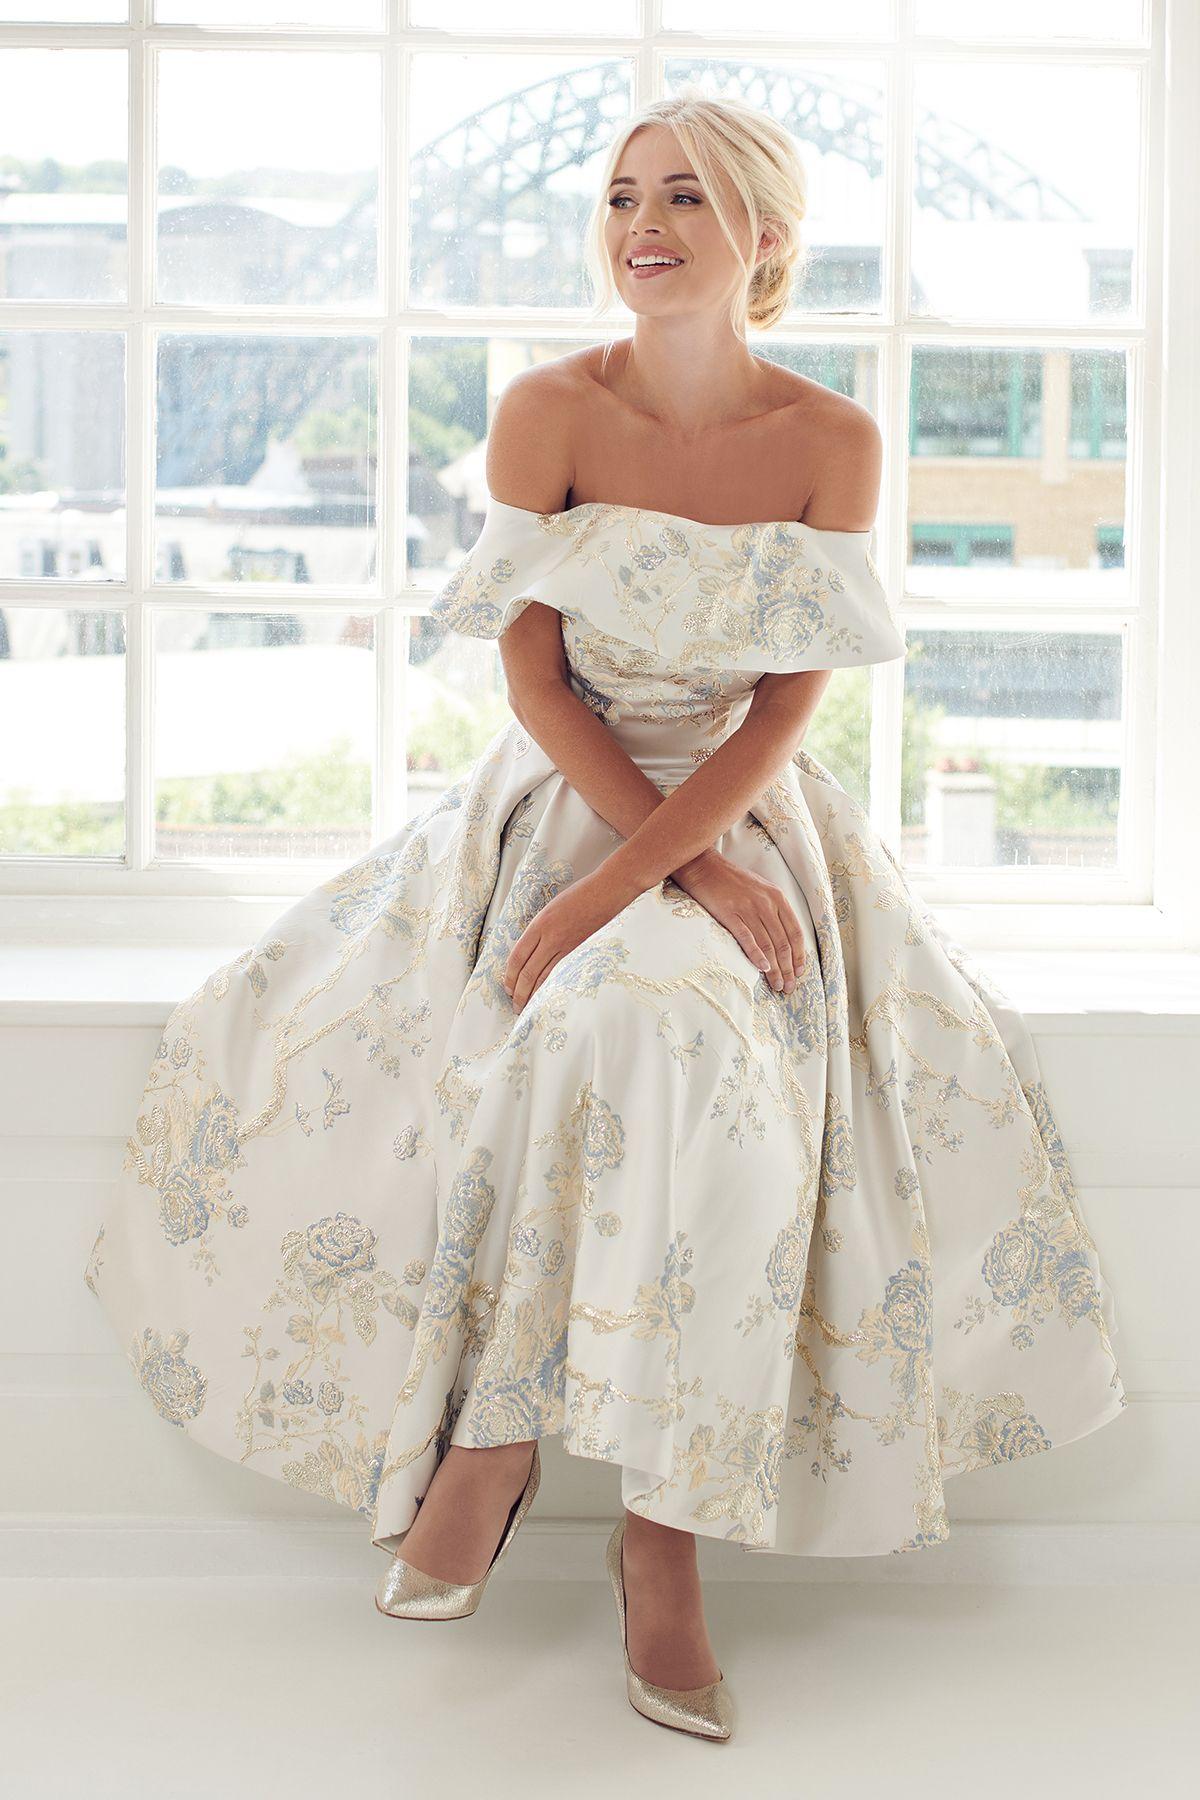 Margaret Floral Tea Length Dress Modern Short Wedding Dress Simple Wedding Dress Short [ 1800 x 1200 Pixel ]